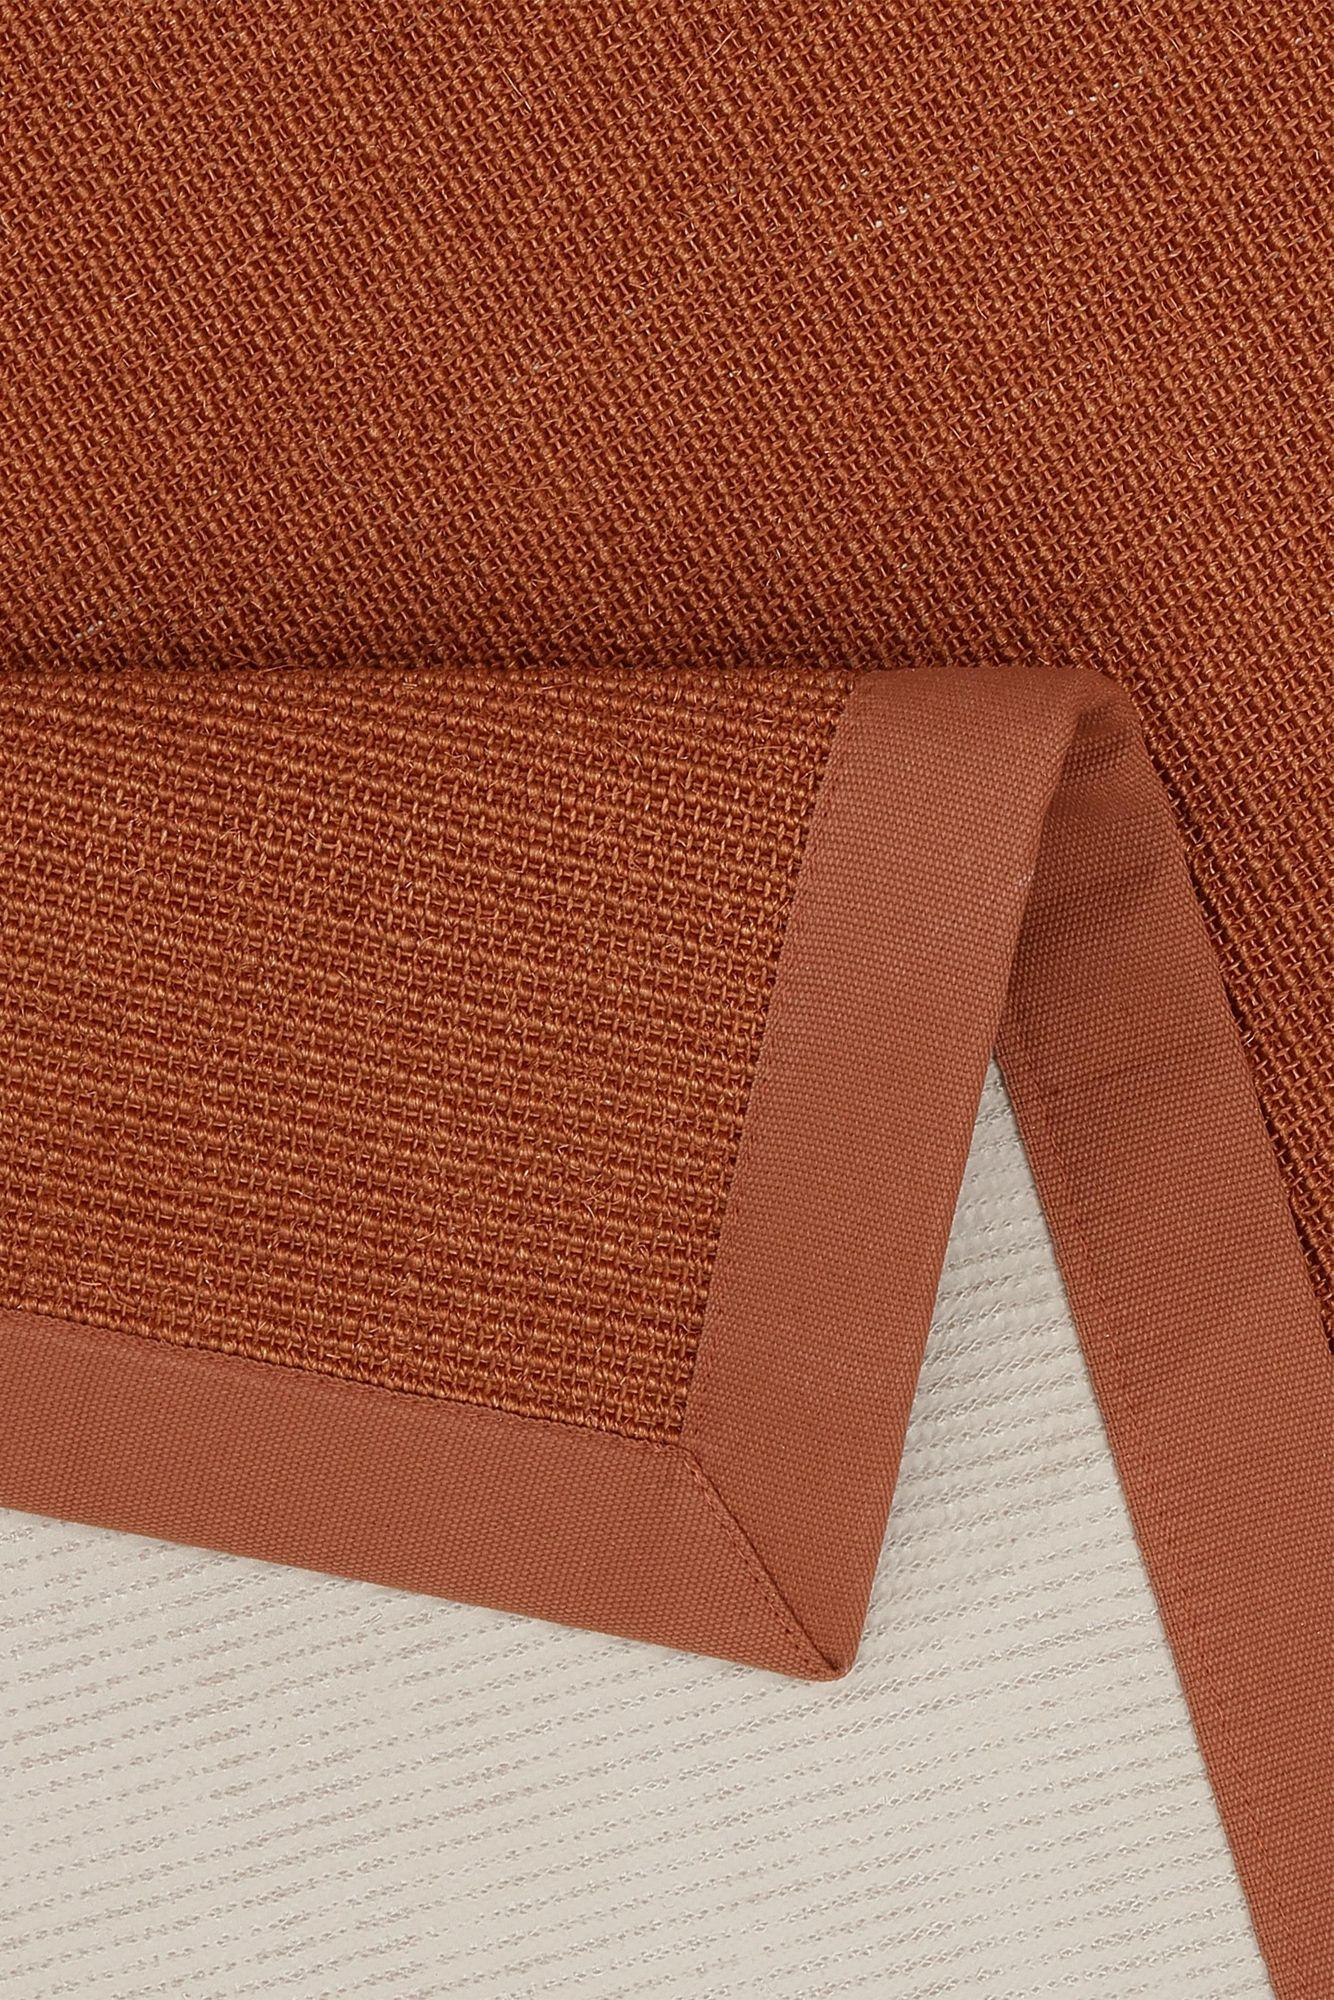 sisal teppich dekowe dortmund gewebt wunschma schwab versand landhaus. Black Bedroom Furniture Sets. Home Design Ideas